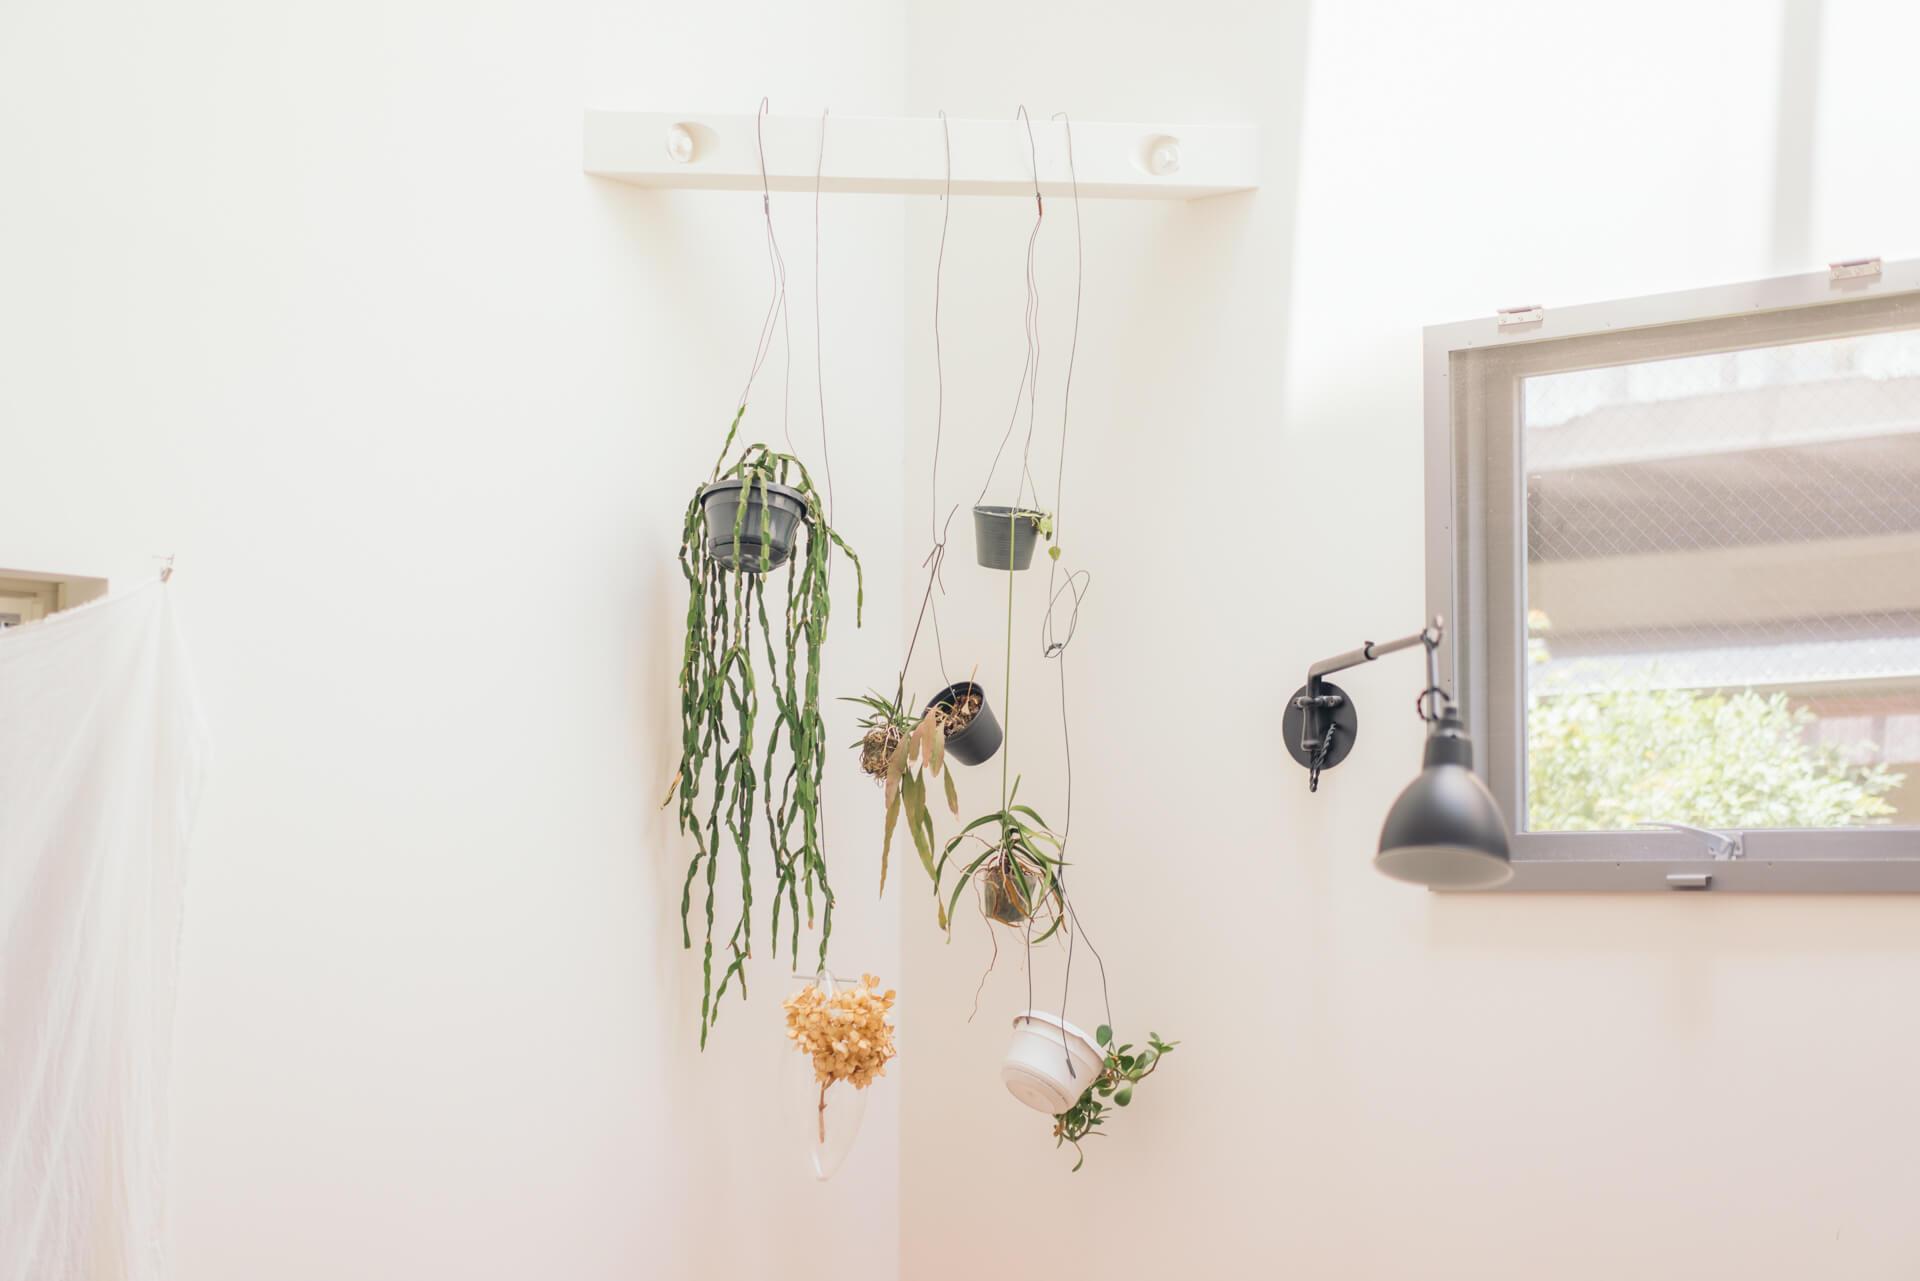 いろいろな場所に、ラフな雰囲気で飾られている植物も素敵。